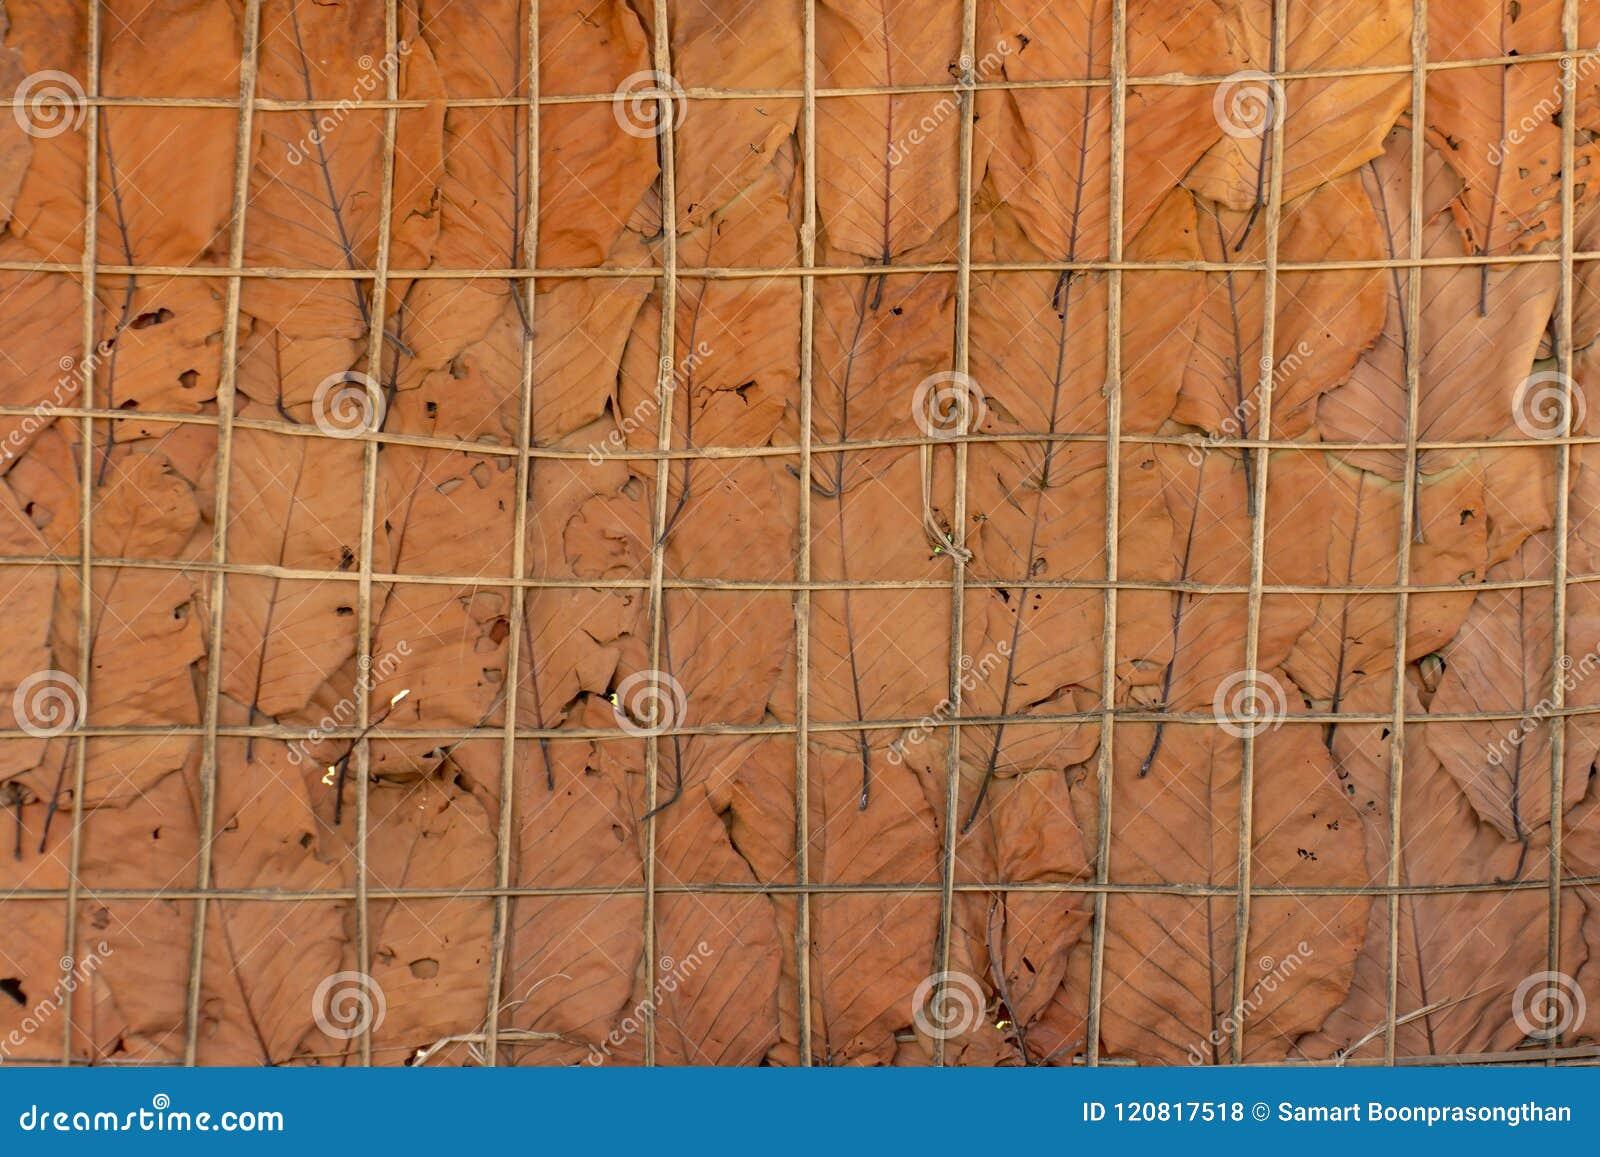 Die Wände werden von den getrockneten Blättern hergestellt, die als Hintergrund benutzt werden